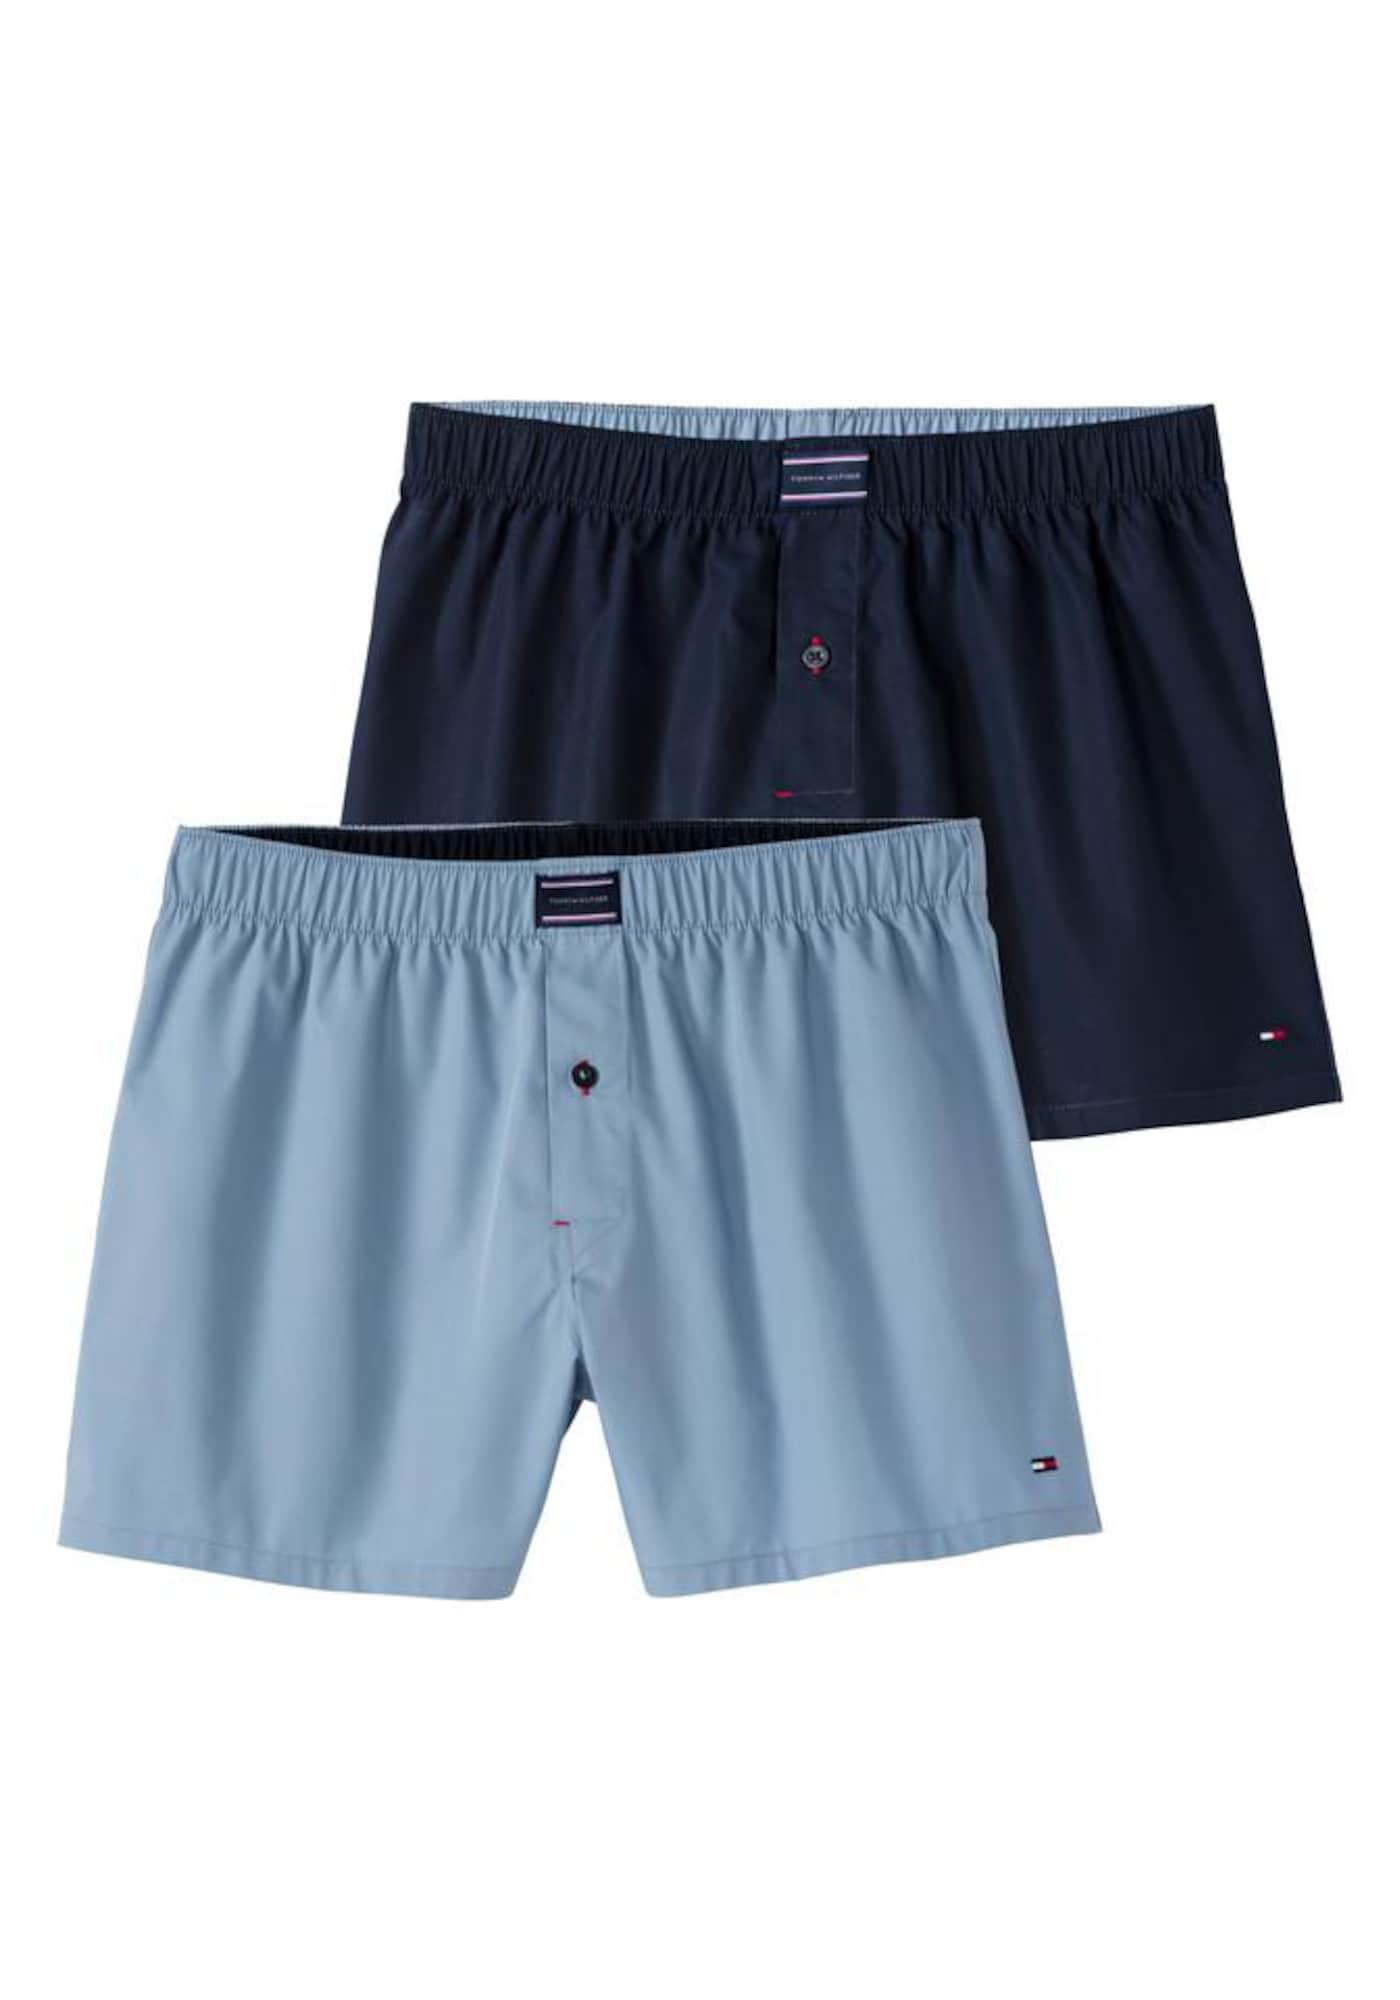 Boxerky Woven námořnická modř světlemodrá Tommy Hilfiger Underwear